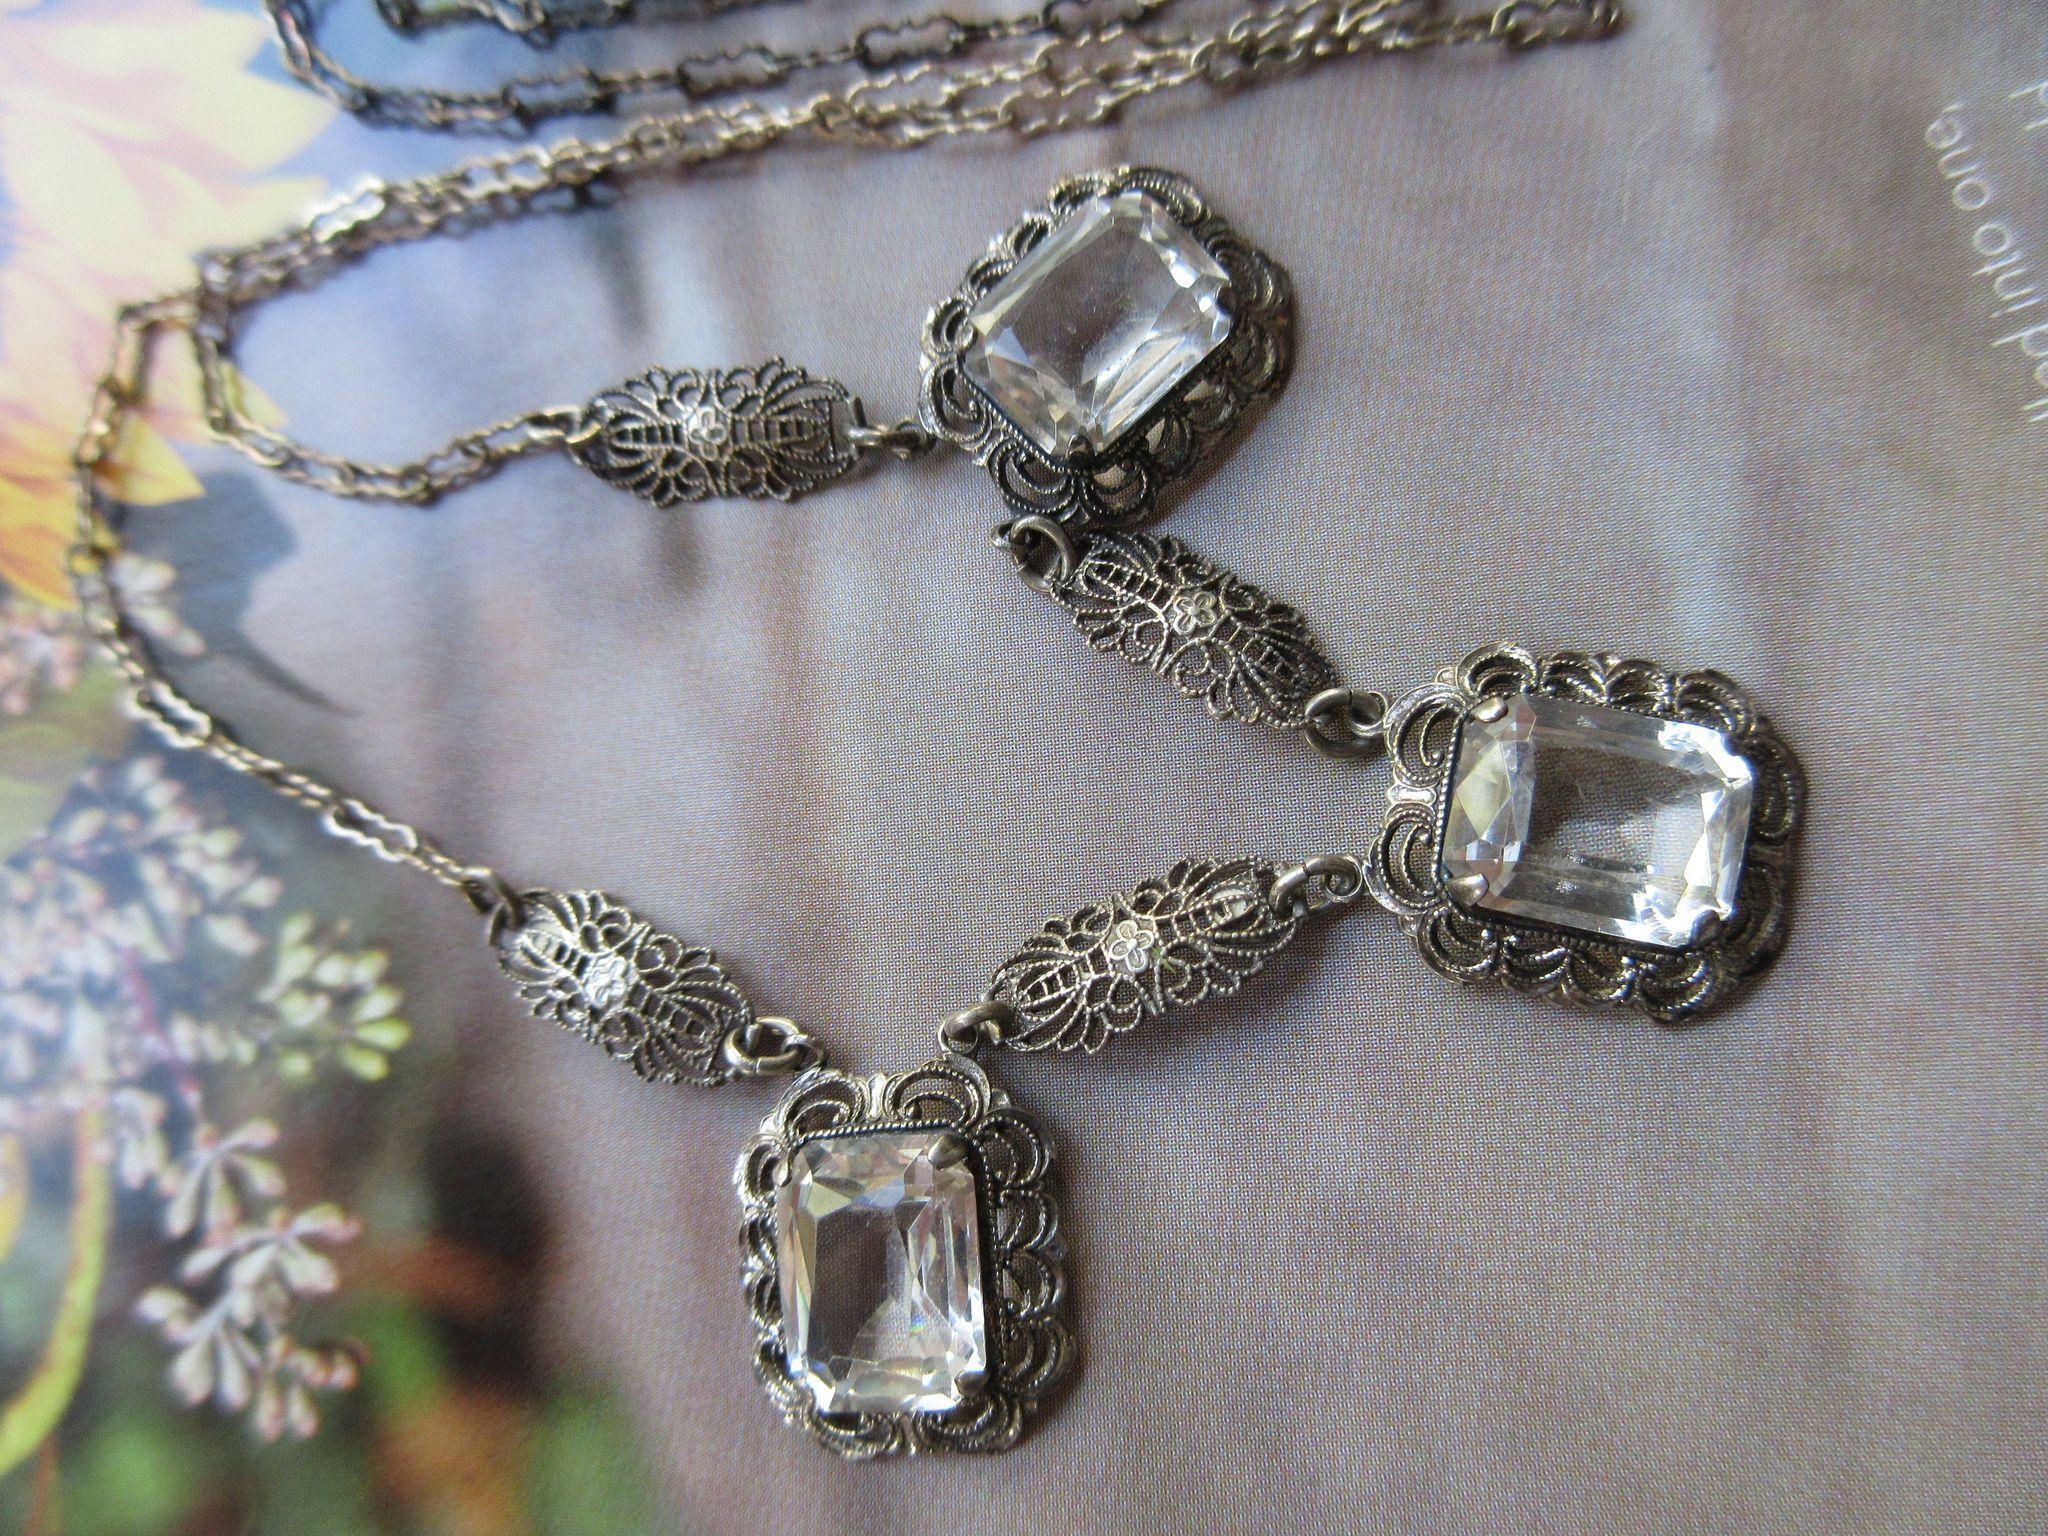 Deco Sterling Crystal Necklace, Bridal Necklace, Circa 1920